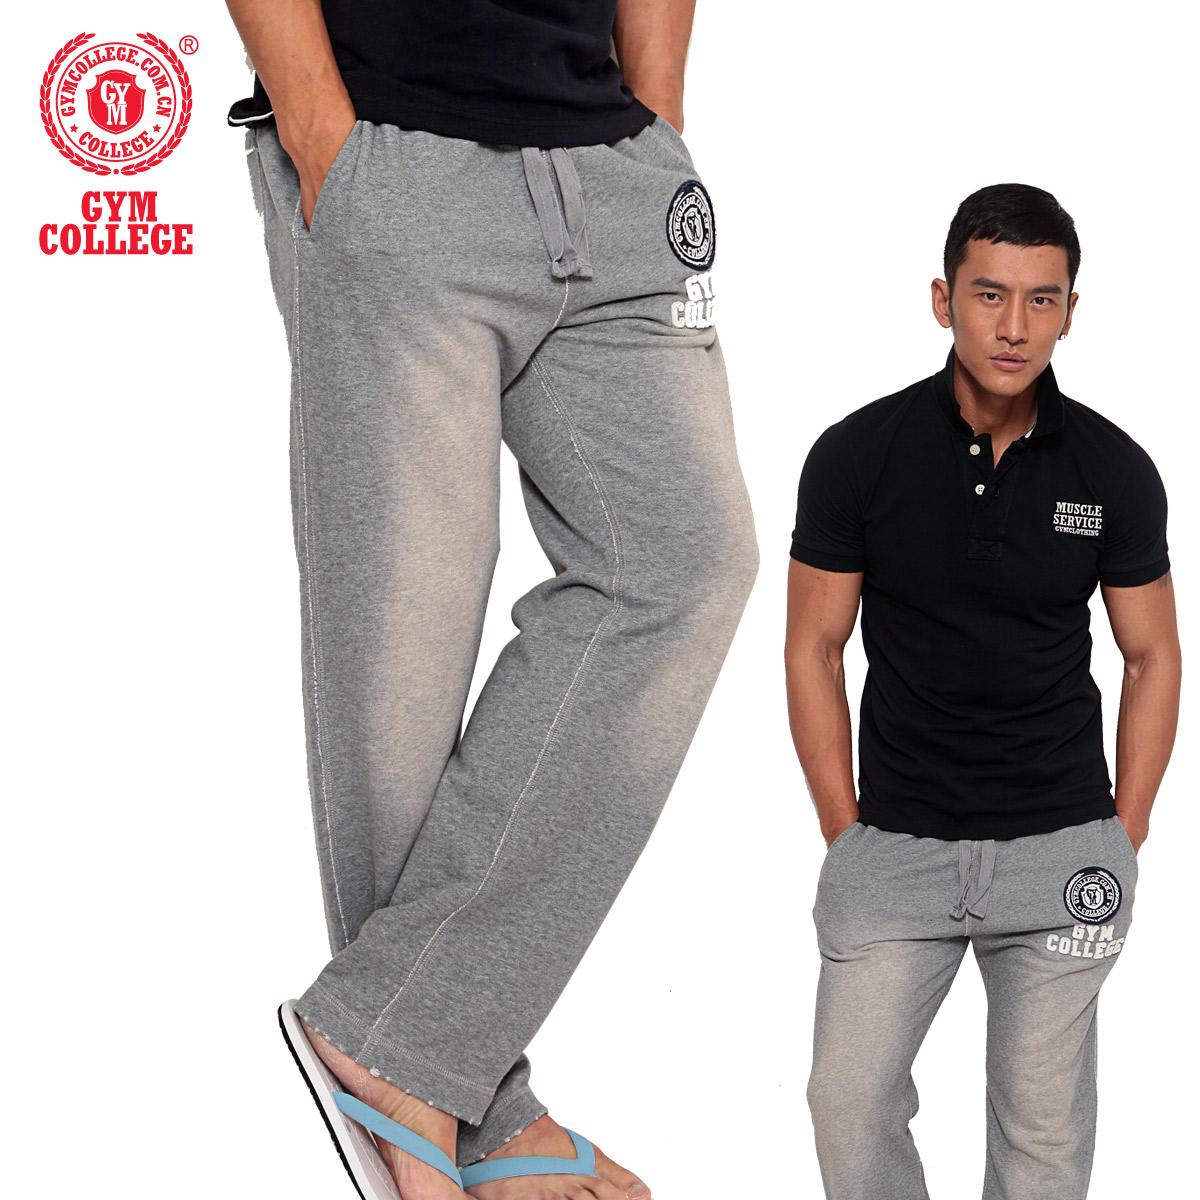 Повседневные брюки Gym college mb3_120_212/3 GYMCOLLEGE